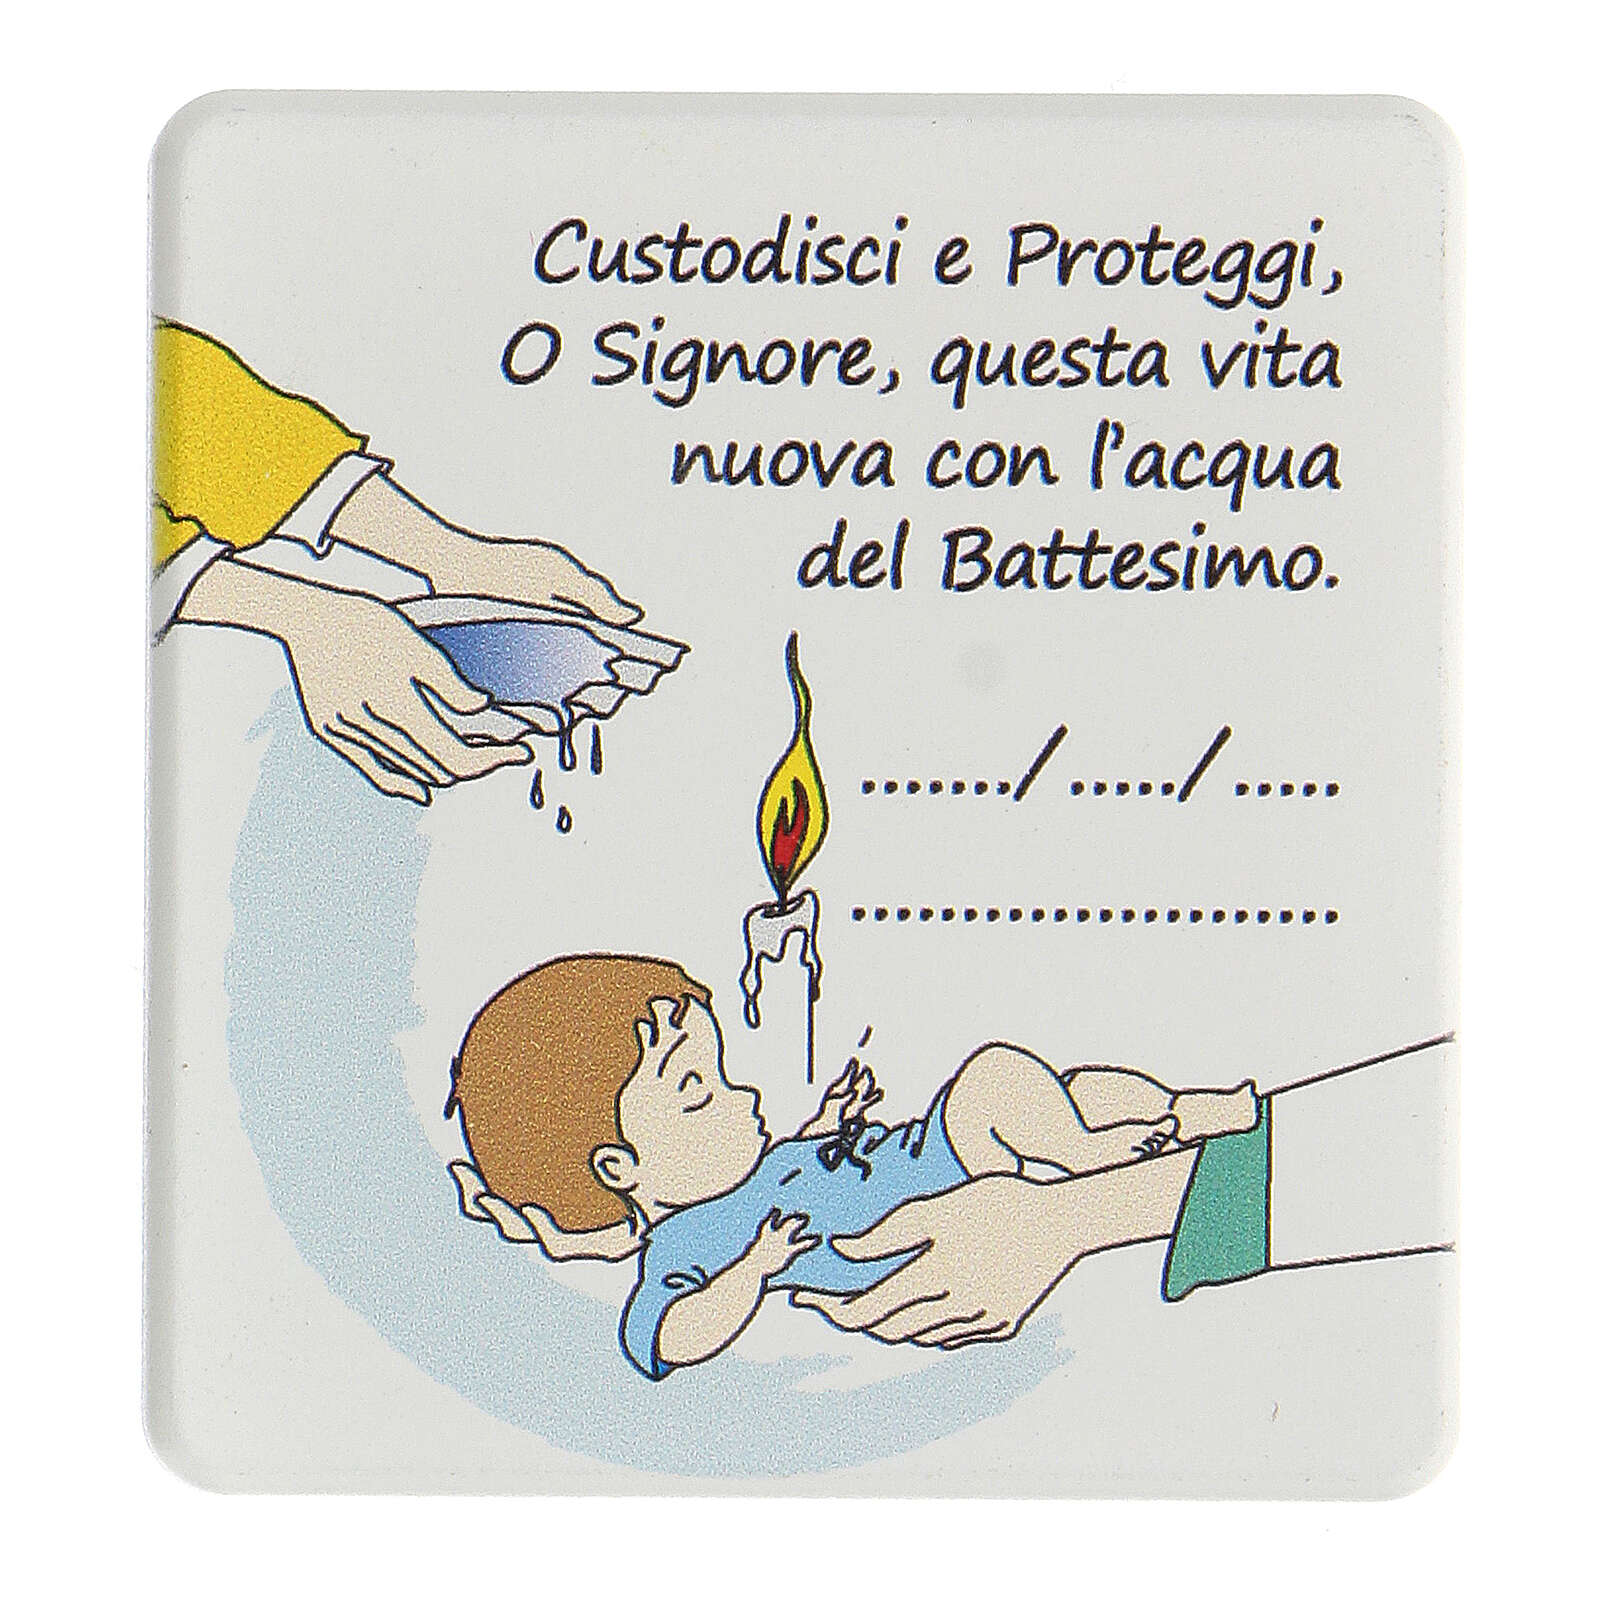 Cofre recuerdo Bautismo niño decena cuadrito y libreta rosario 3